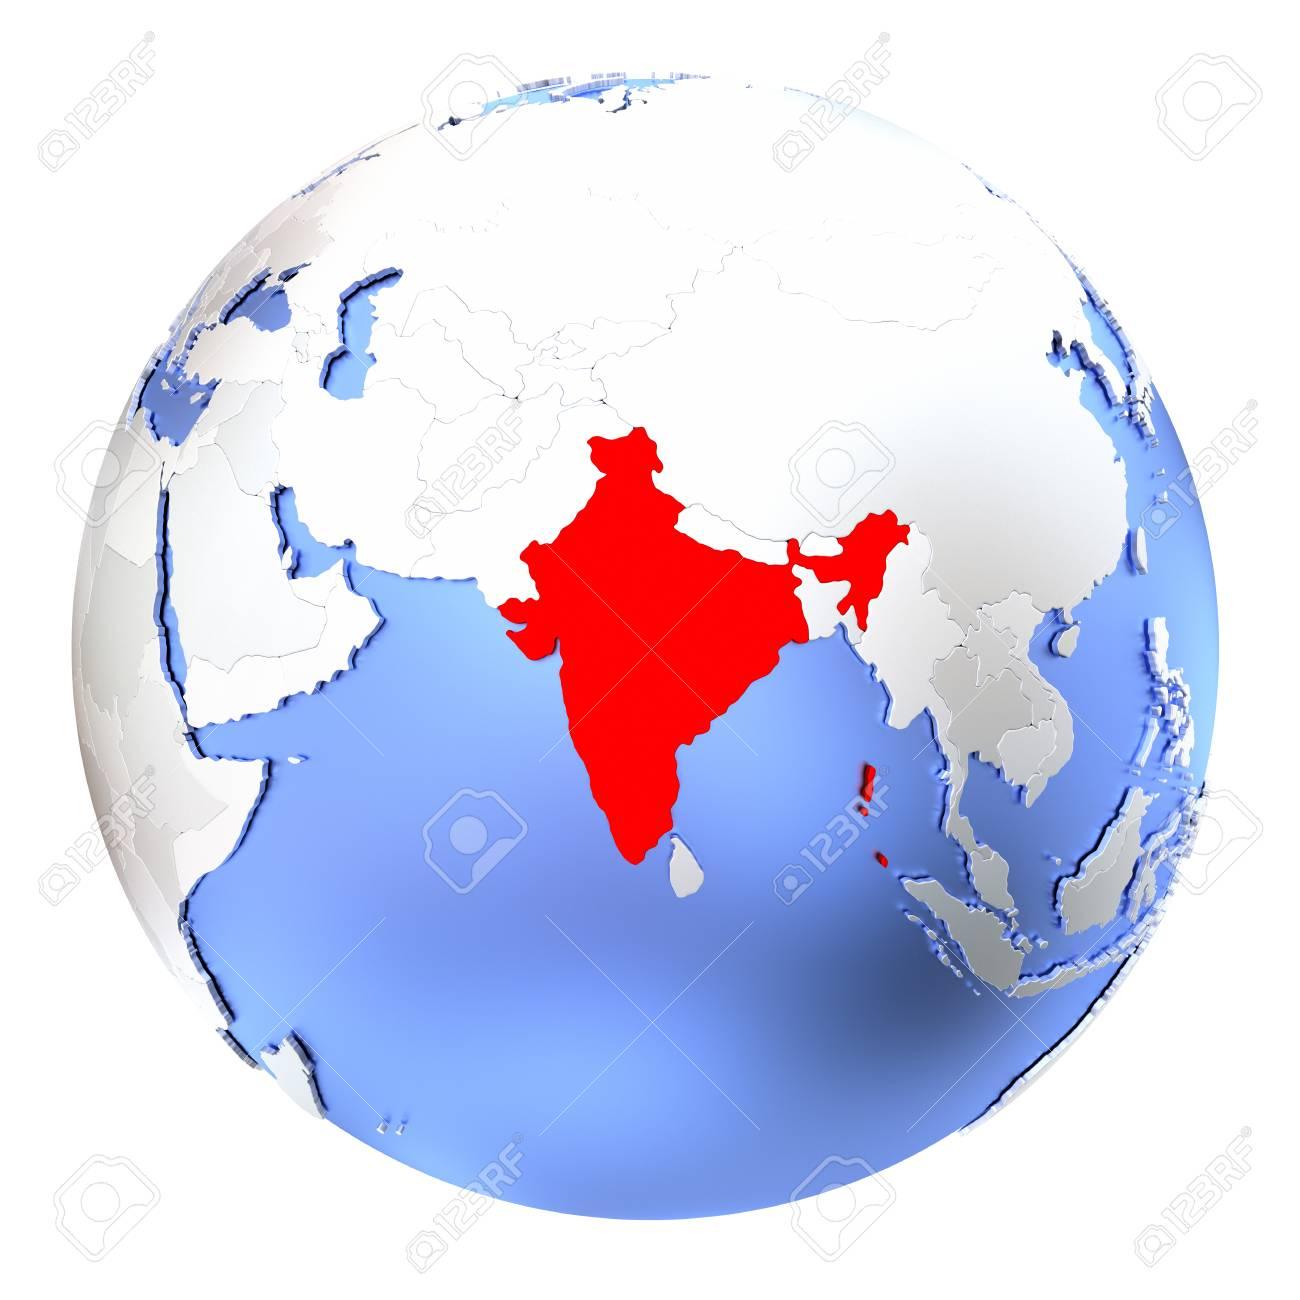 Mapa De La India En El Mundo.Mapa De La India En El Mundo Metalico Ilustracion 3d Aislado Sobre Fondo Blanco